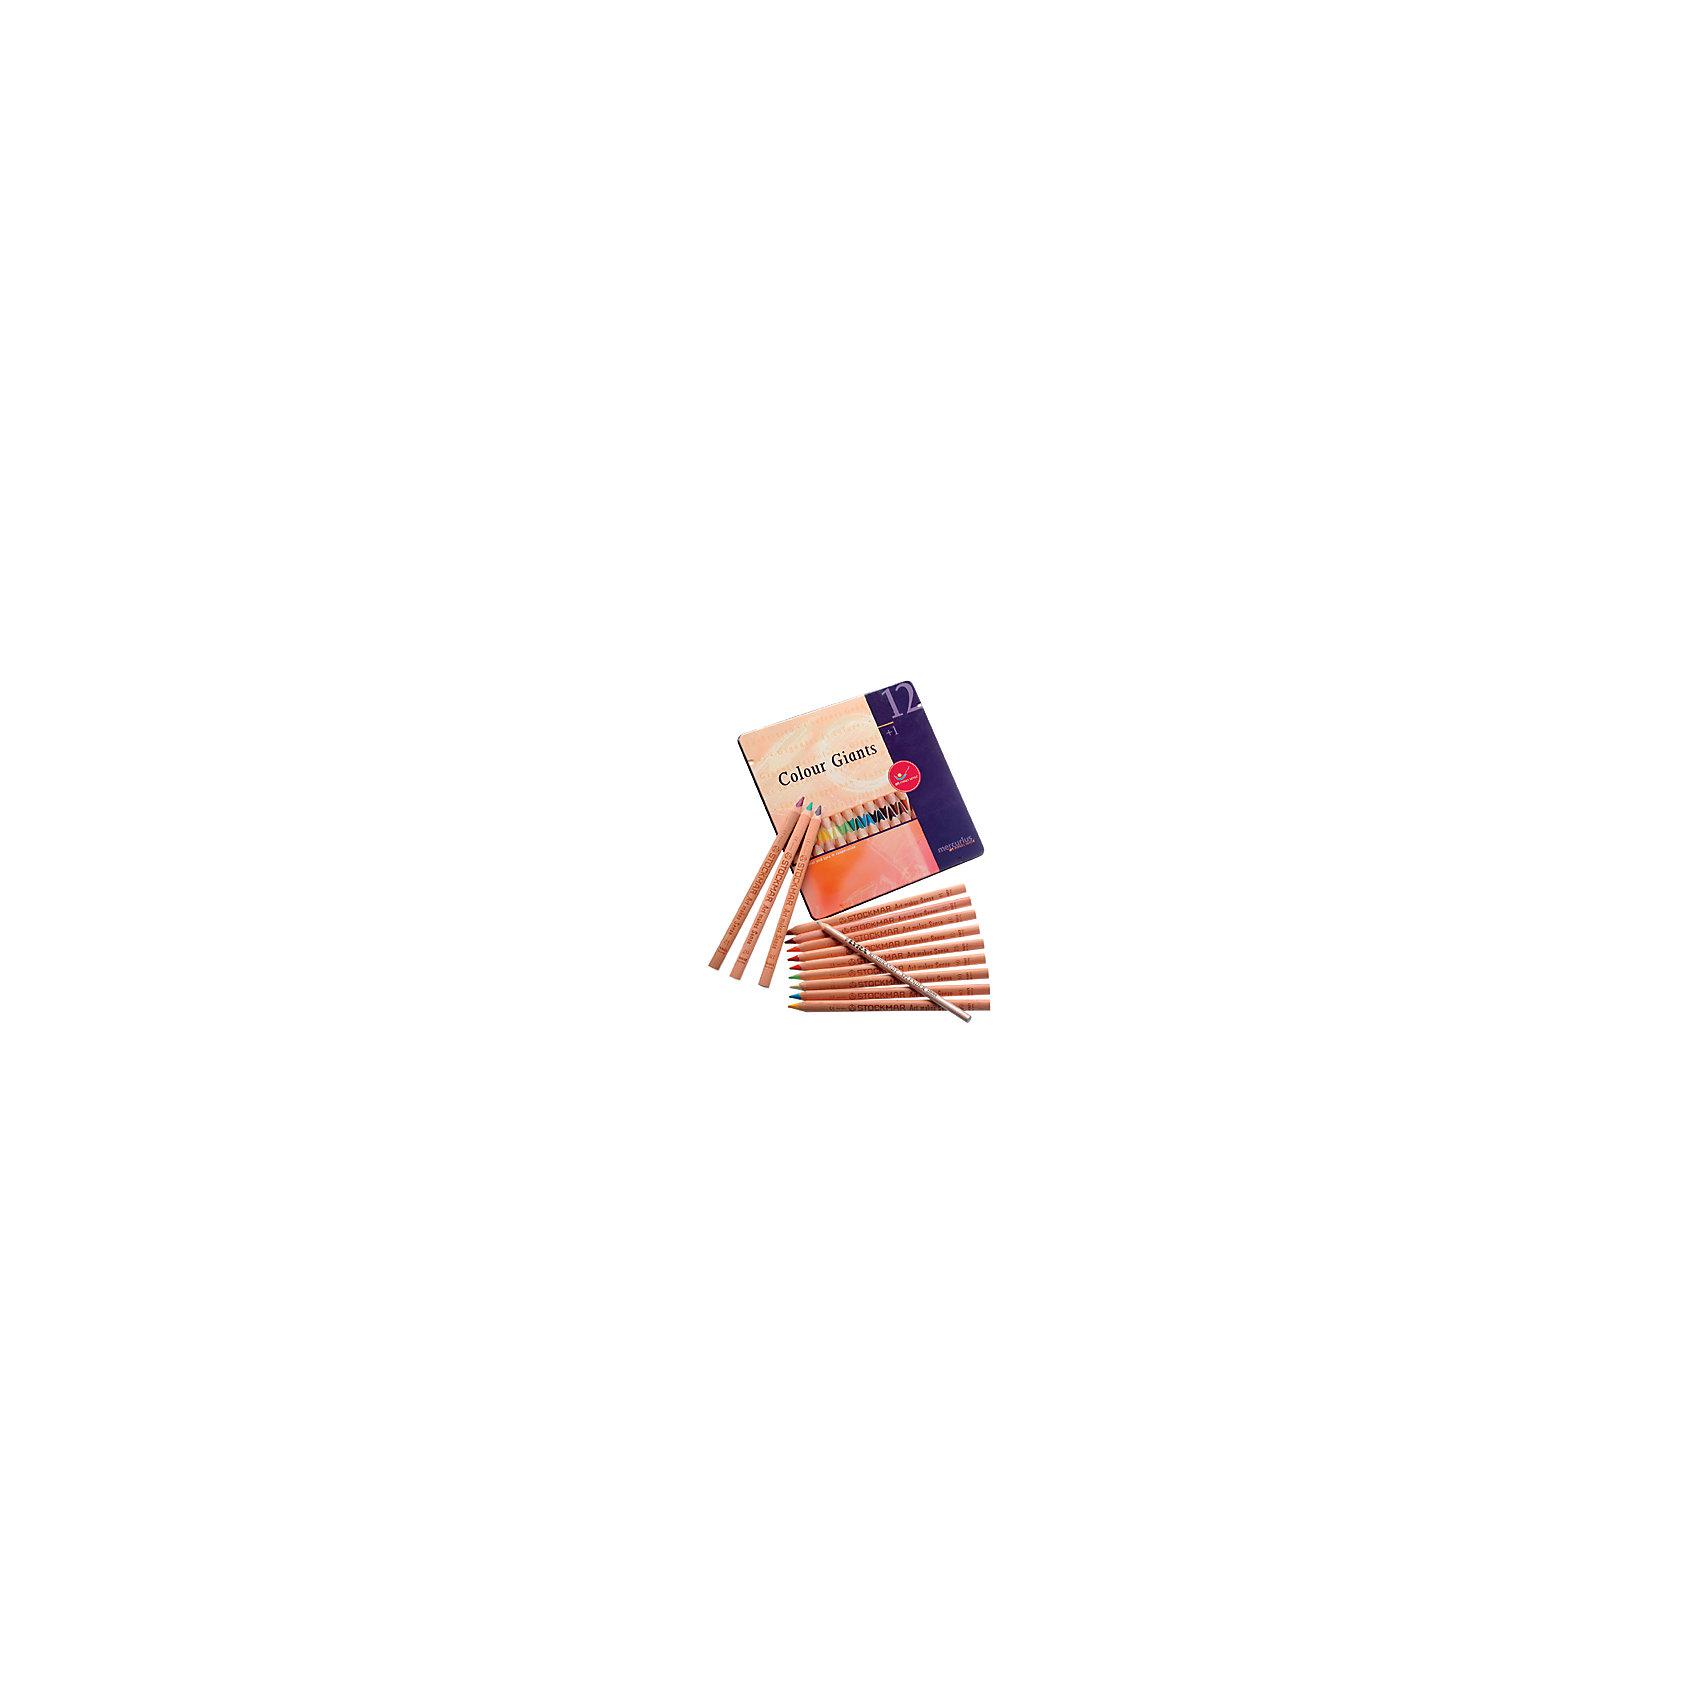 Карандаши Вальдорф, 12 цветов, AMSПисьменные принадлежности<br>Карандаши Вальдорф, 12 цветов, AMS<br><br>Цвета:<br><br>-кармин красный<br>-вермилион<br>-оранжевый<br>-желто-зеленый<br>-синий<br>-красно-фиолетовый<br>-ржавчина<br>-желто-коричневый<br>-прусский голубой<br><br>Характеристика:<br><br>-Возраст: от 3 лет<br>-Вес: 285 г<br>-Размер: 14,8х18х1,8<br>-12 цветов<br>-марка: Stoсkmar(Штокмар)<br><br>Эти трехгранные округлые карандаши, сделанные из нелакированного дерева мягких пород, идеально подходят для детей, которые только учатся правильно держать карандаш или ручку. Толстый, неломаемый грифель превращает рисование в удовольствие. Карандаши помогут привить ребенку навыки рисования и развить воображение и моторику рук. Они абсолютно безопасны для здоровья ребёнка. В набор входит бесцветный сплендер, позволяющий создавать неповторимые эффекты, придавая поверхности эффект свечения.  <br><br>Карандаши Вальдорф, 12 цветов, AMS можно приобрести в нашем интернет-магазине.<br><br>Ширина мм: 148<br>Глубина мм: 180<br>Высота мм: 18<br>Вес г: 285<br>Возраст от месяцев: 36<br>Возраст до месяцев: 168<br>Пол: Унисекс<br>Возраст: Детский<br>SKU: 5116898